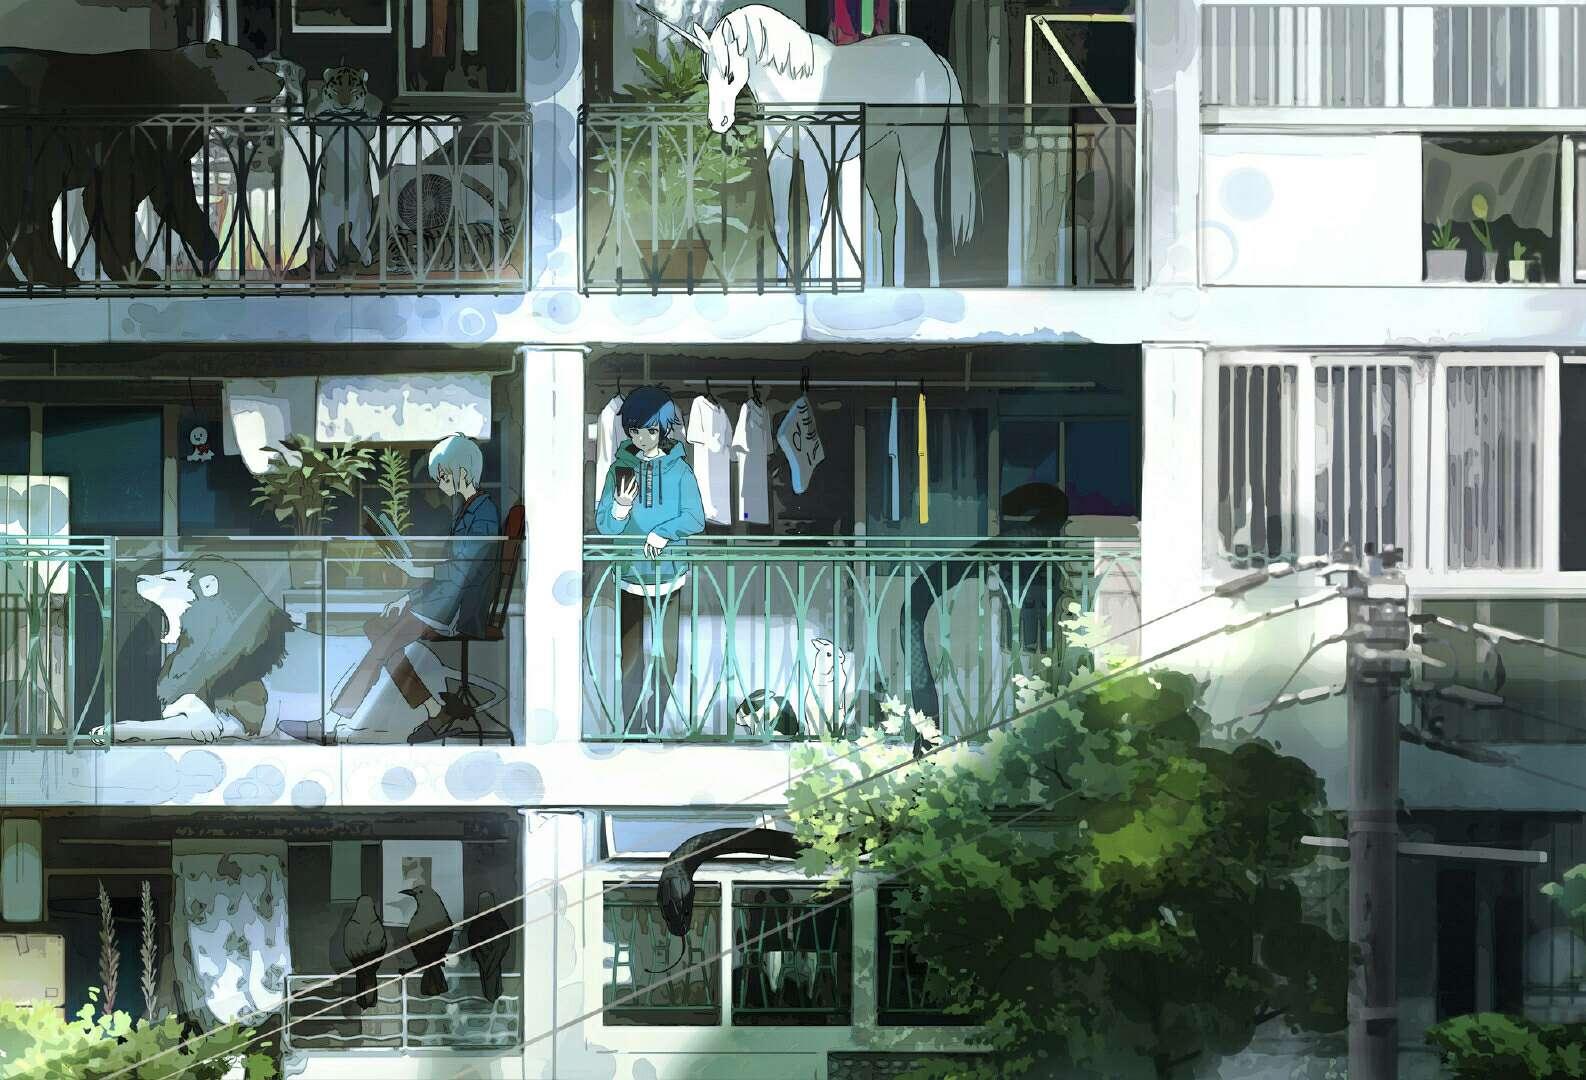 【图片】美图分享6,敢达图片高清-小柚妹站